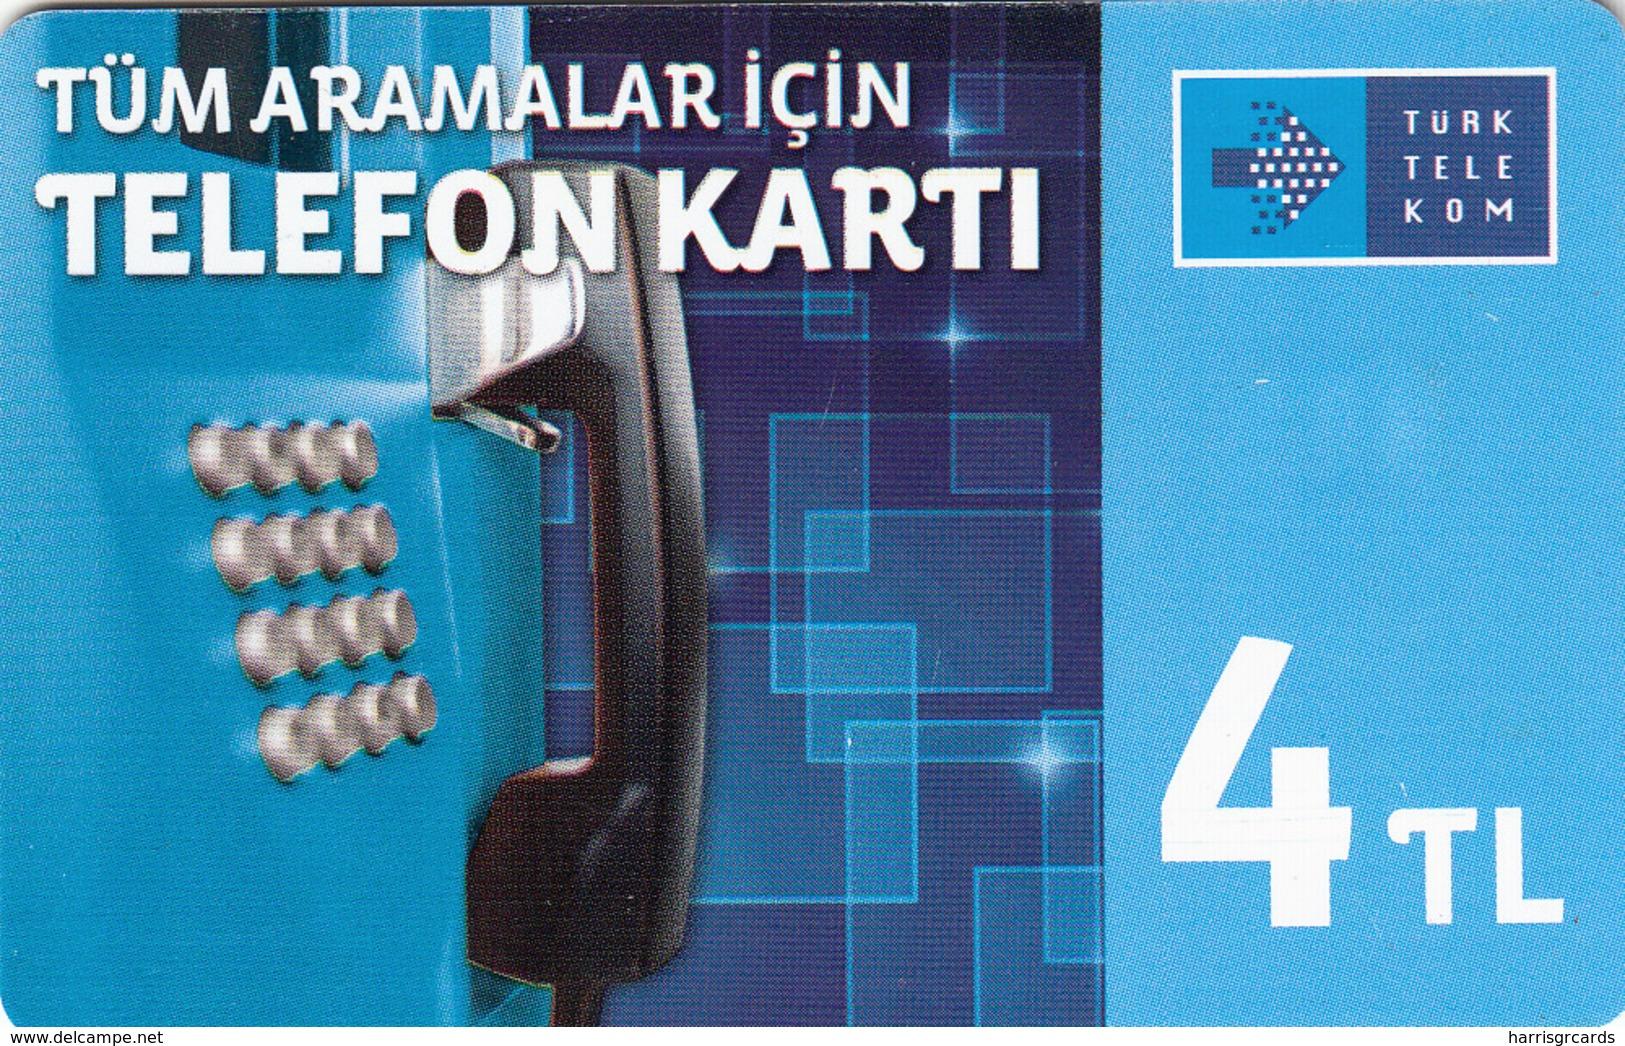 TURKEY - Tüm Aramalar İçin Arama Kartı , Kasım 2014, Gemplus - GEM5 (Red) , 4 ₤ - Turkish Lira ,06/12, Used - Turquia